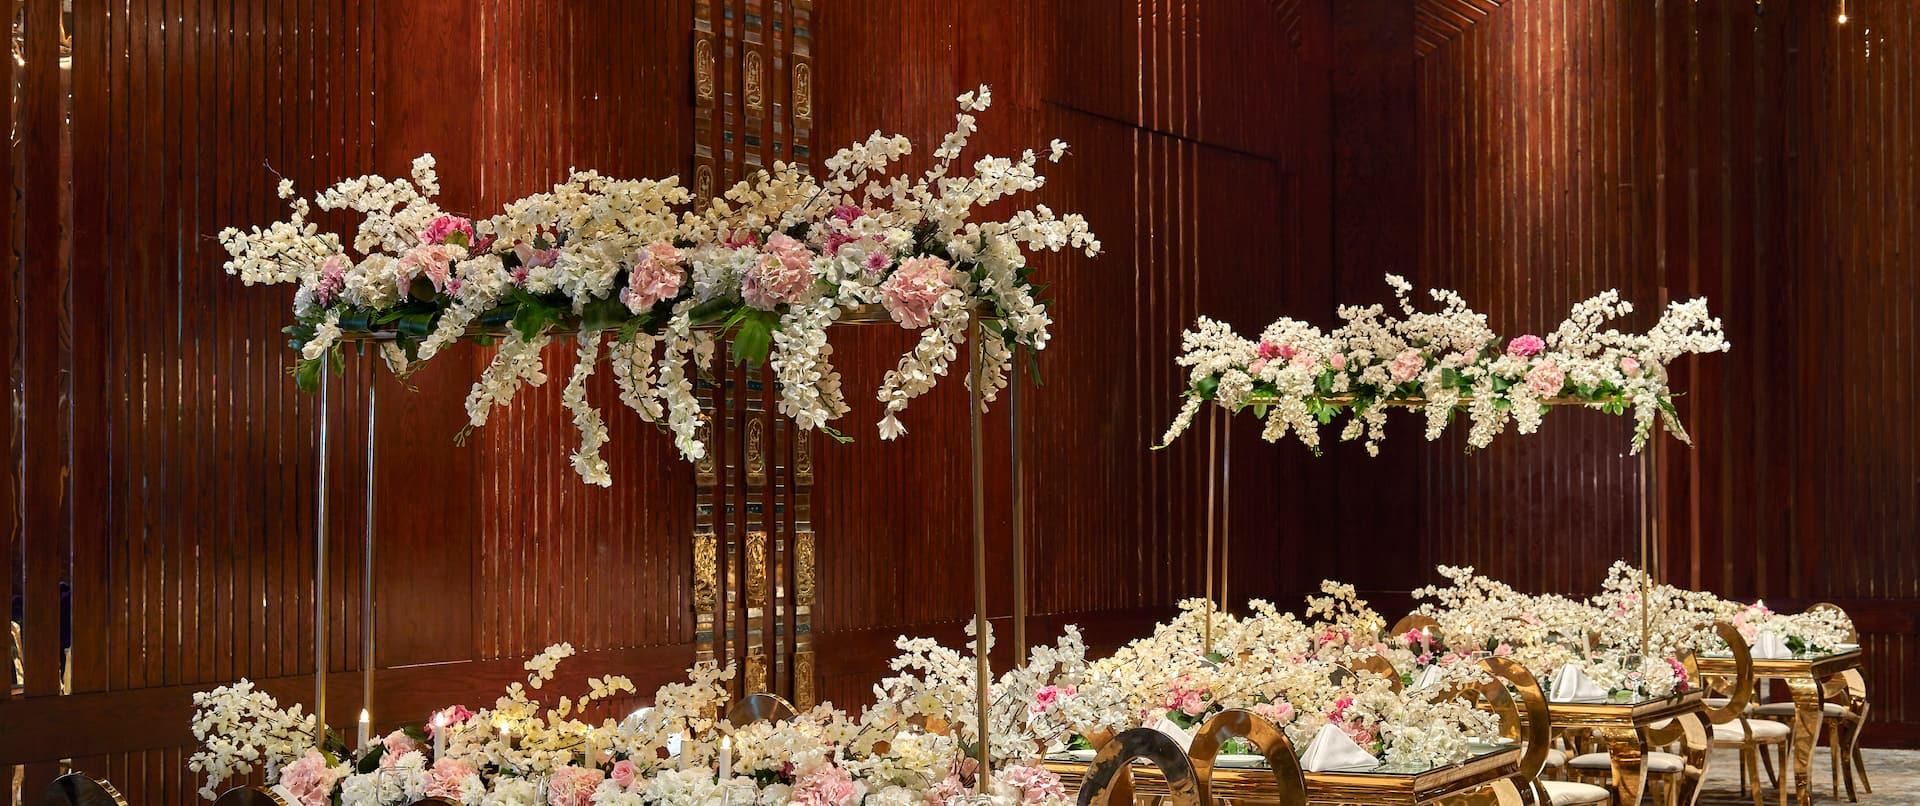 Ballroom Wedding Table Setup